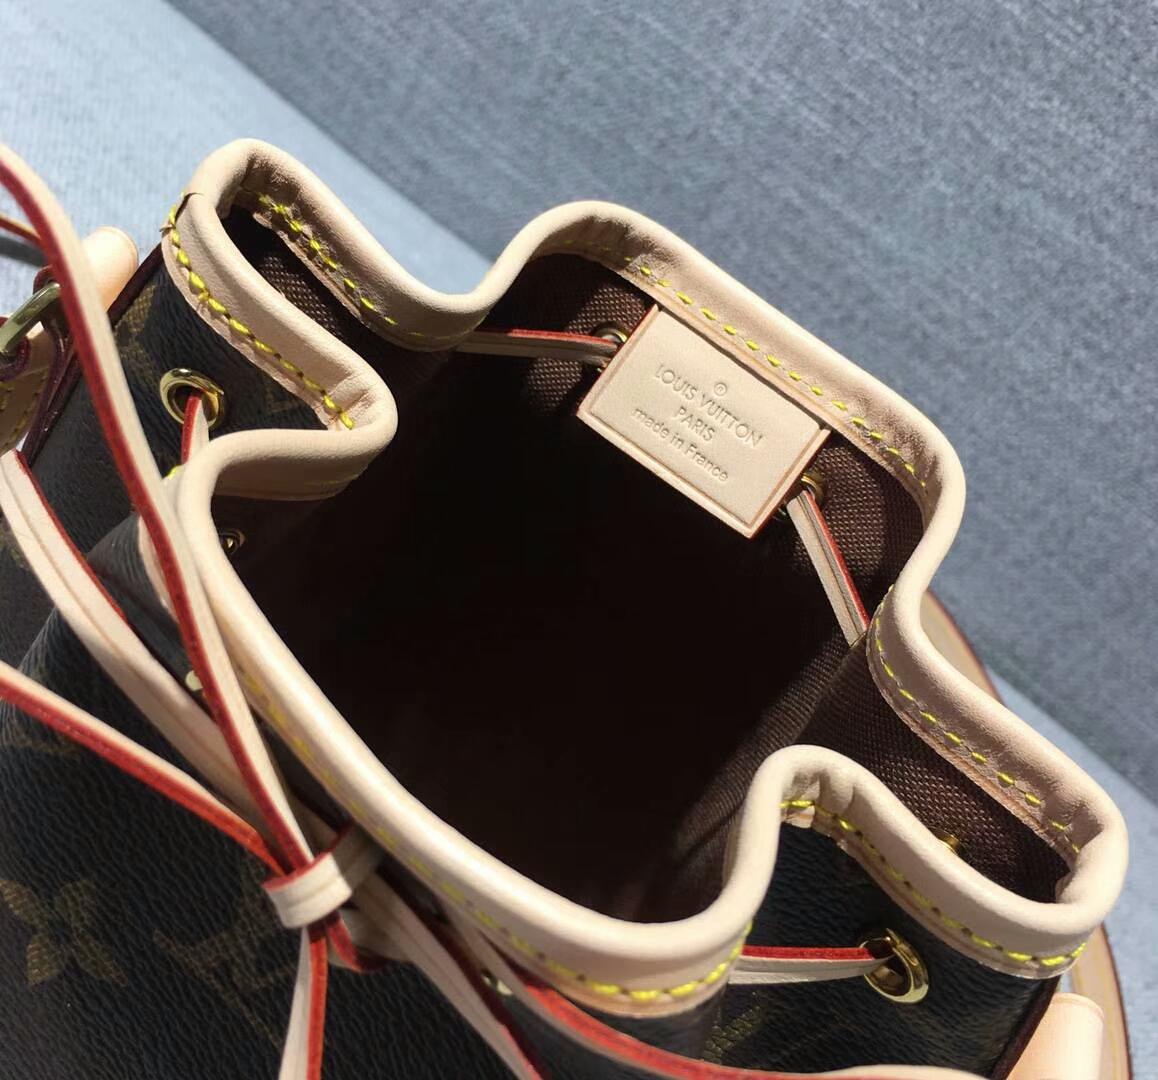 Louis Vuitton 迪丽热巴同款M41346 迷你水桶包 包包批发 老花